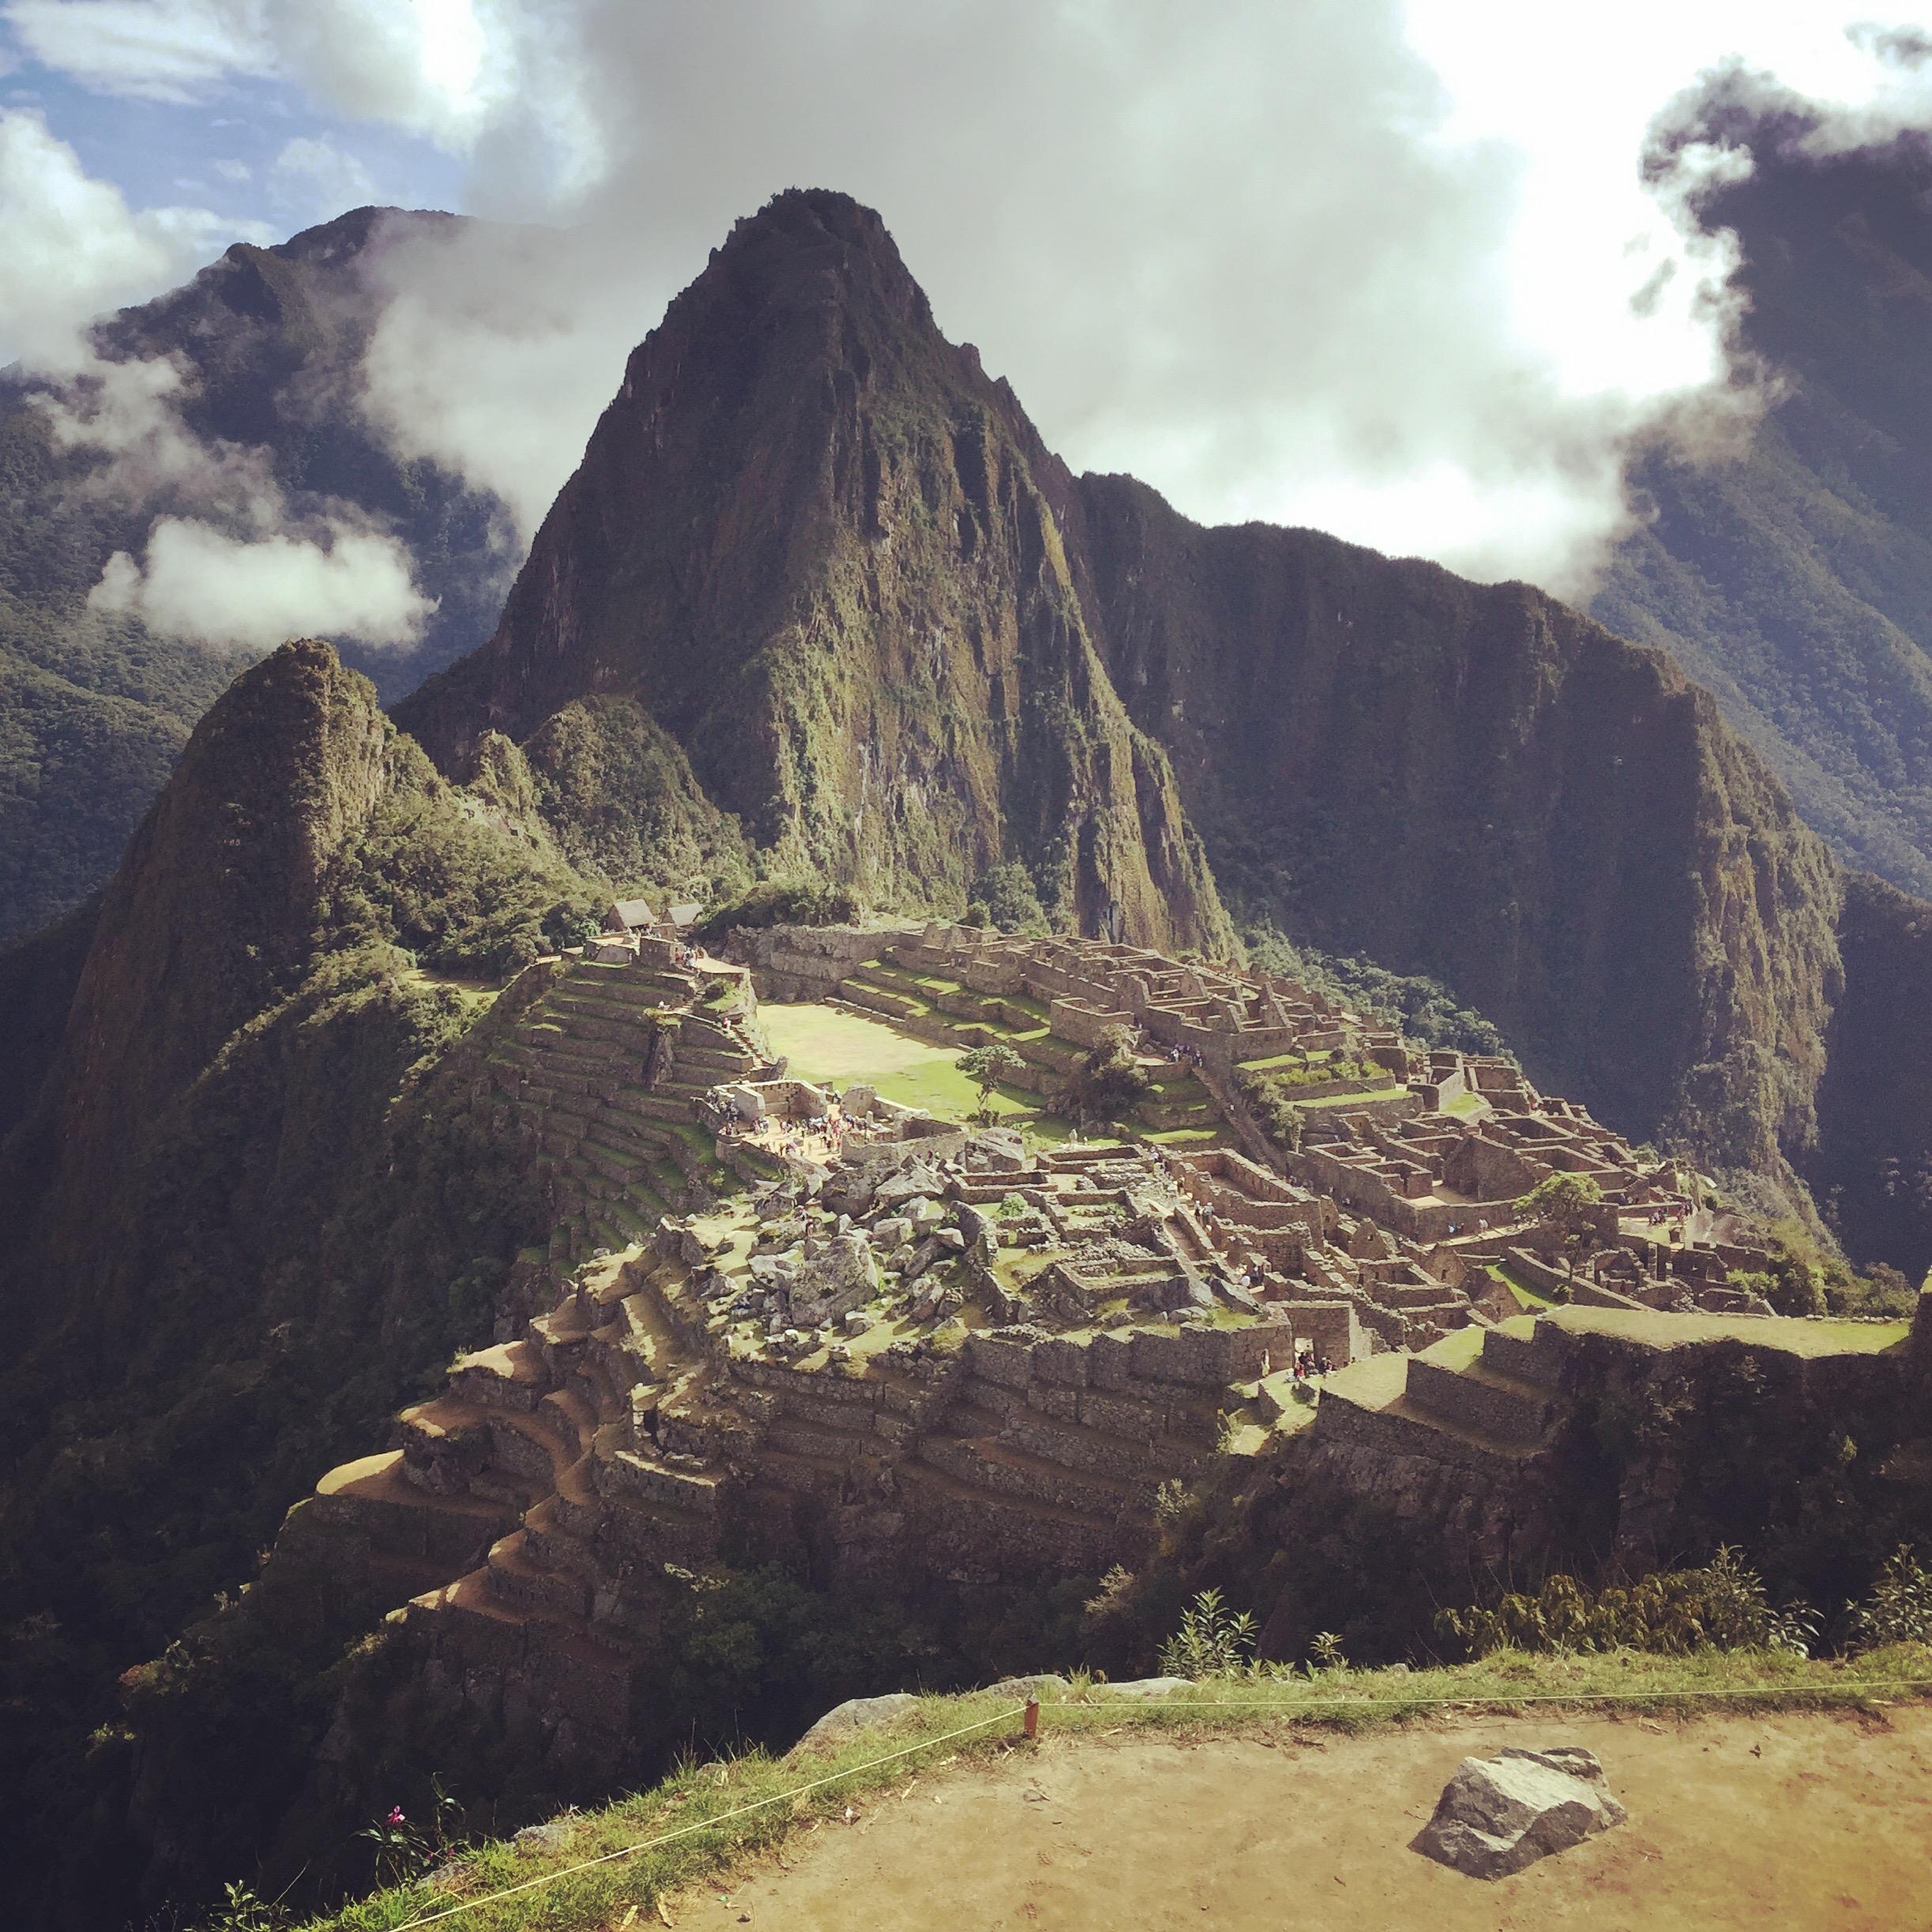 Salud, Peru!